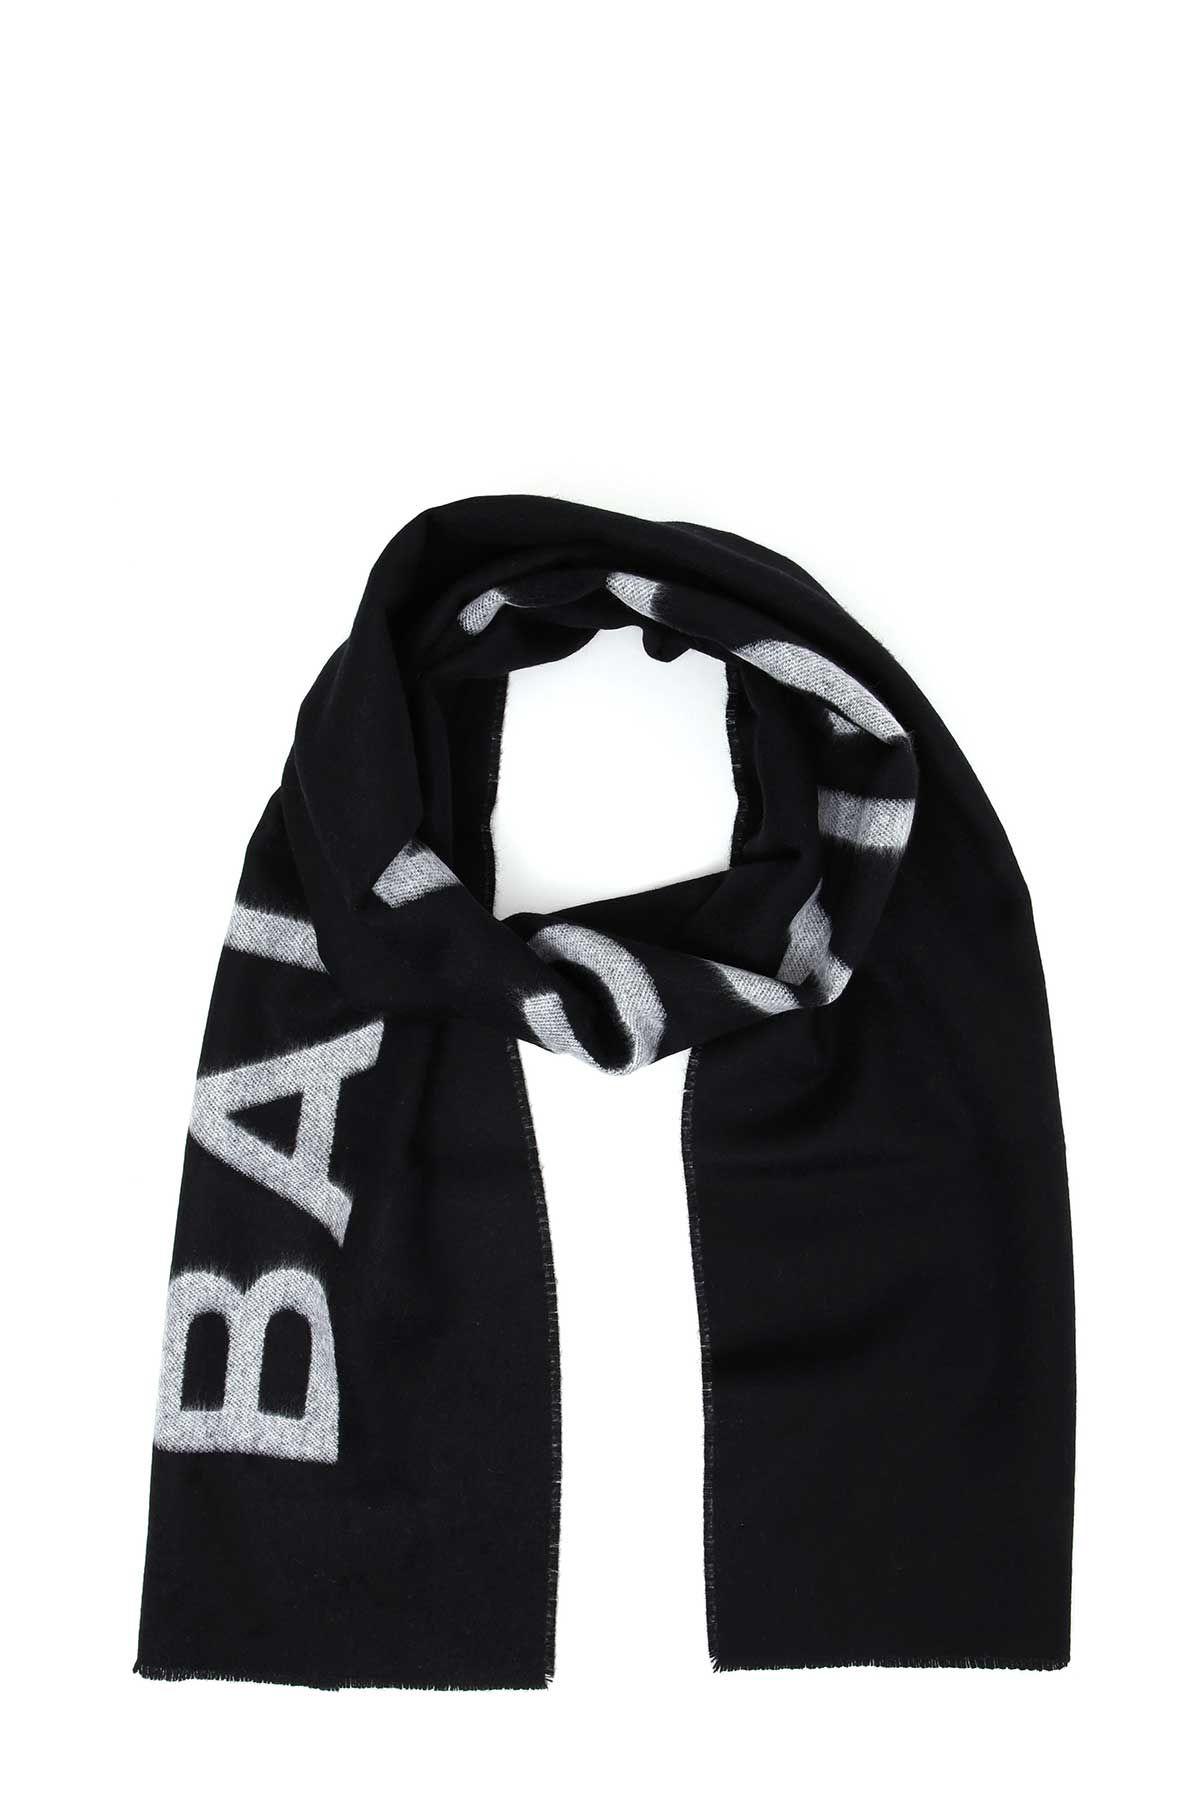 Balenciaga Cashmere Scarf With Logo